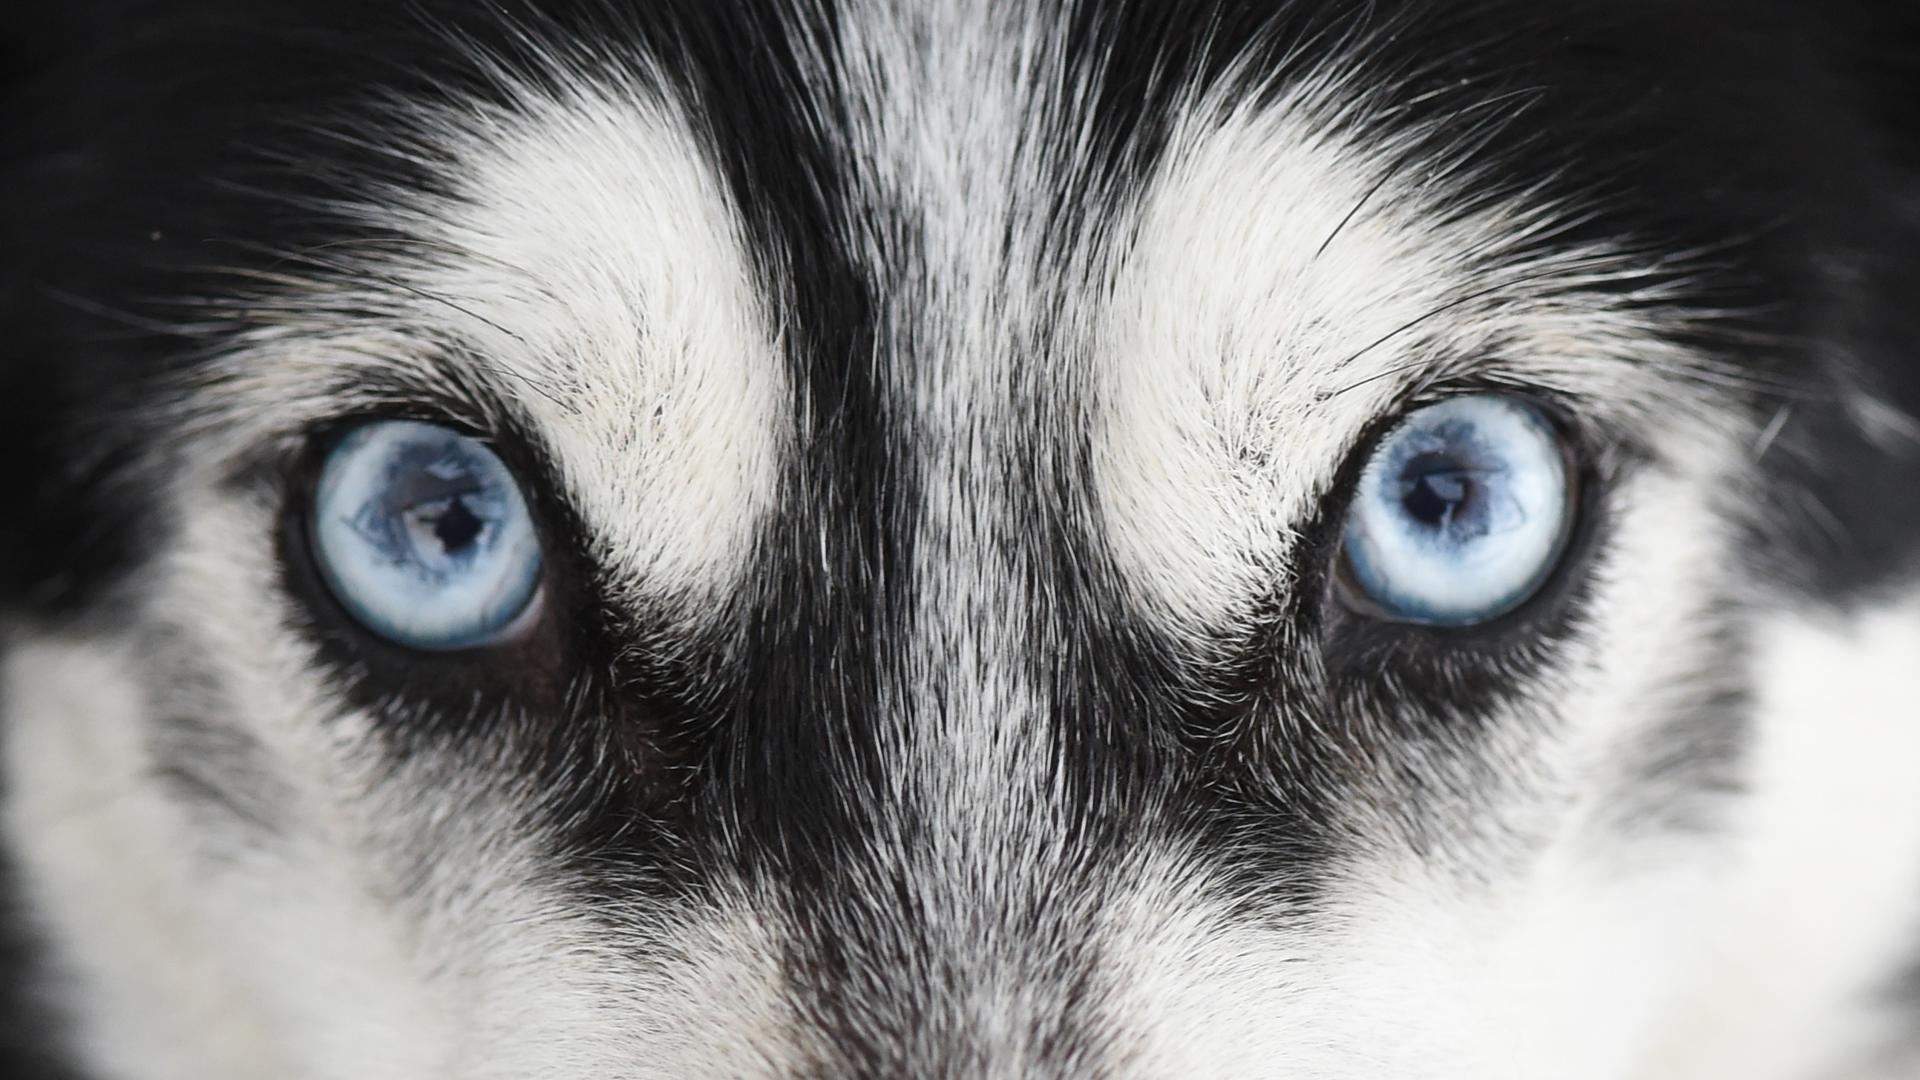 dpatopbilder Ein sibirischer Husky schaut am 23.01.2016 vor dem Schlittenhunderennen in Unterjoch (Bayern) in die Kamera des Fotografen. Rund 800 Schlittenhunde gehen bei dem Internationalen Rennen an den Start bei dem die Gespanne eines Strecke zwischen fünf und 18 Kilometern zurücklegen müssen. Foto: Felix Kästle/dpa +++(c) dpa - Bildfunk+++  